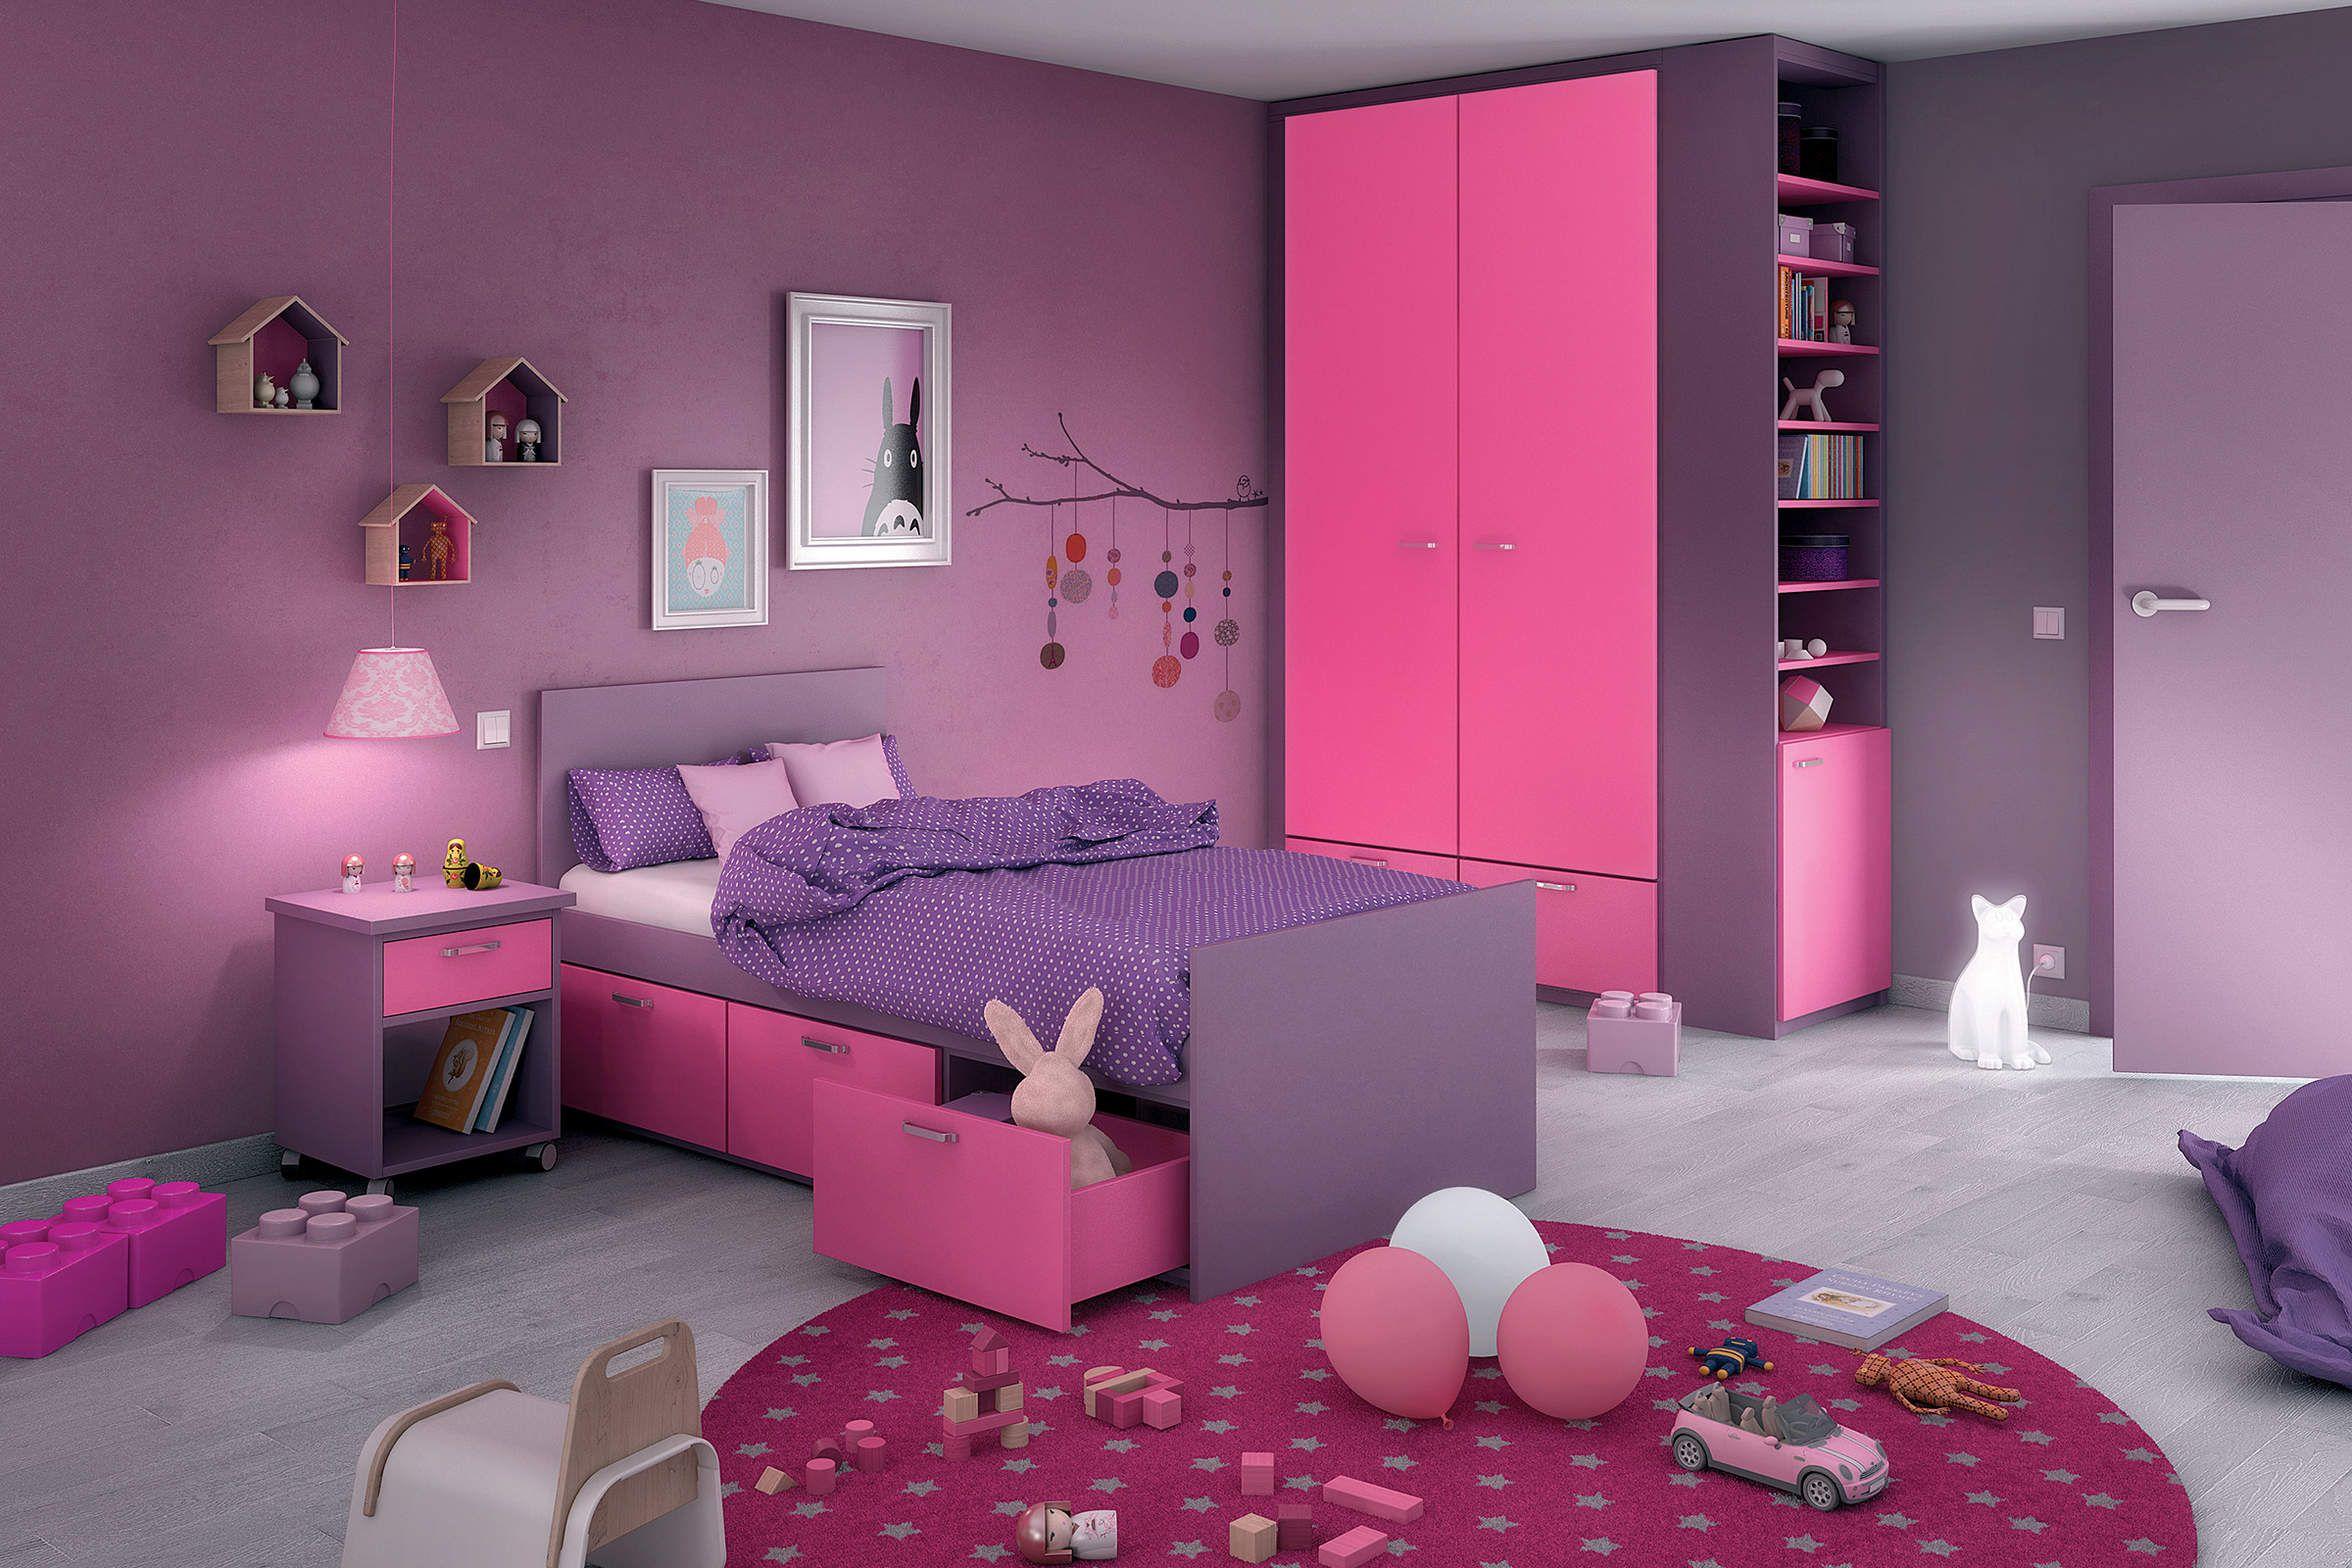 Rangements chambre petite fille d co chambre en 2018 pinterest chambre chambre enfant et - Deco petite chambre ...